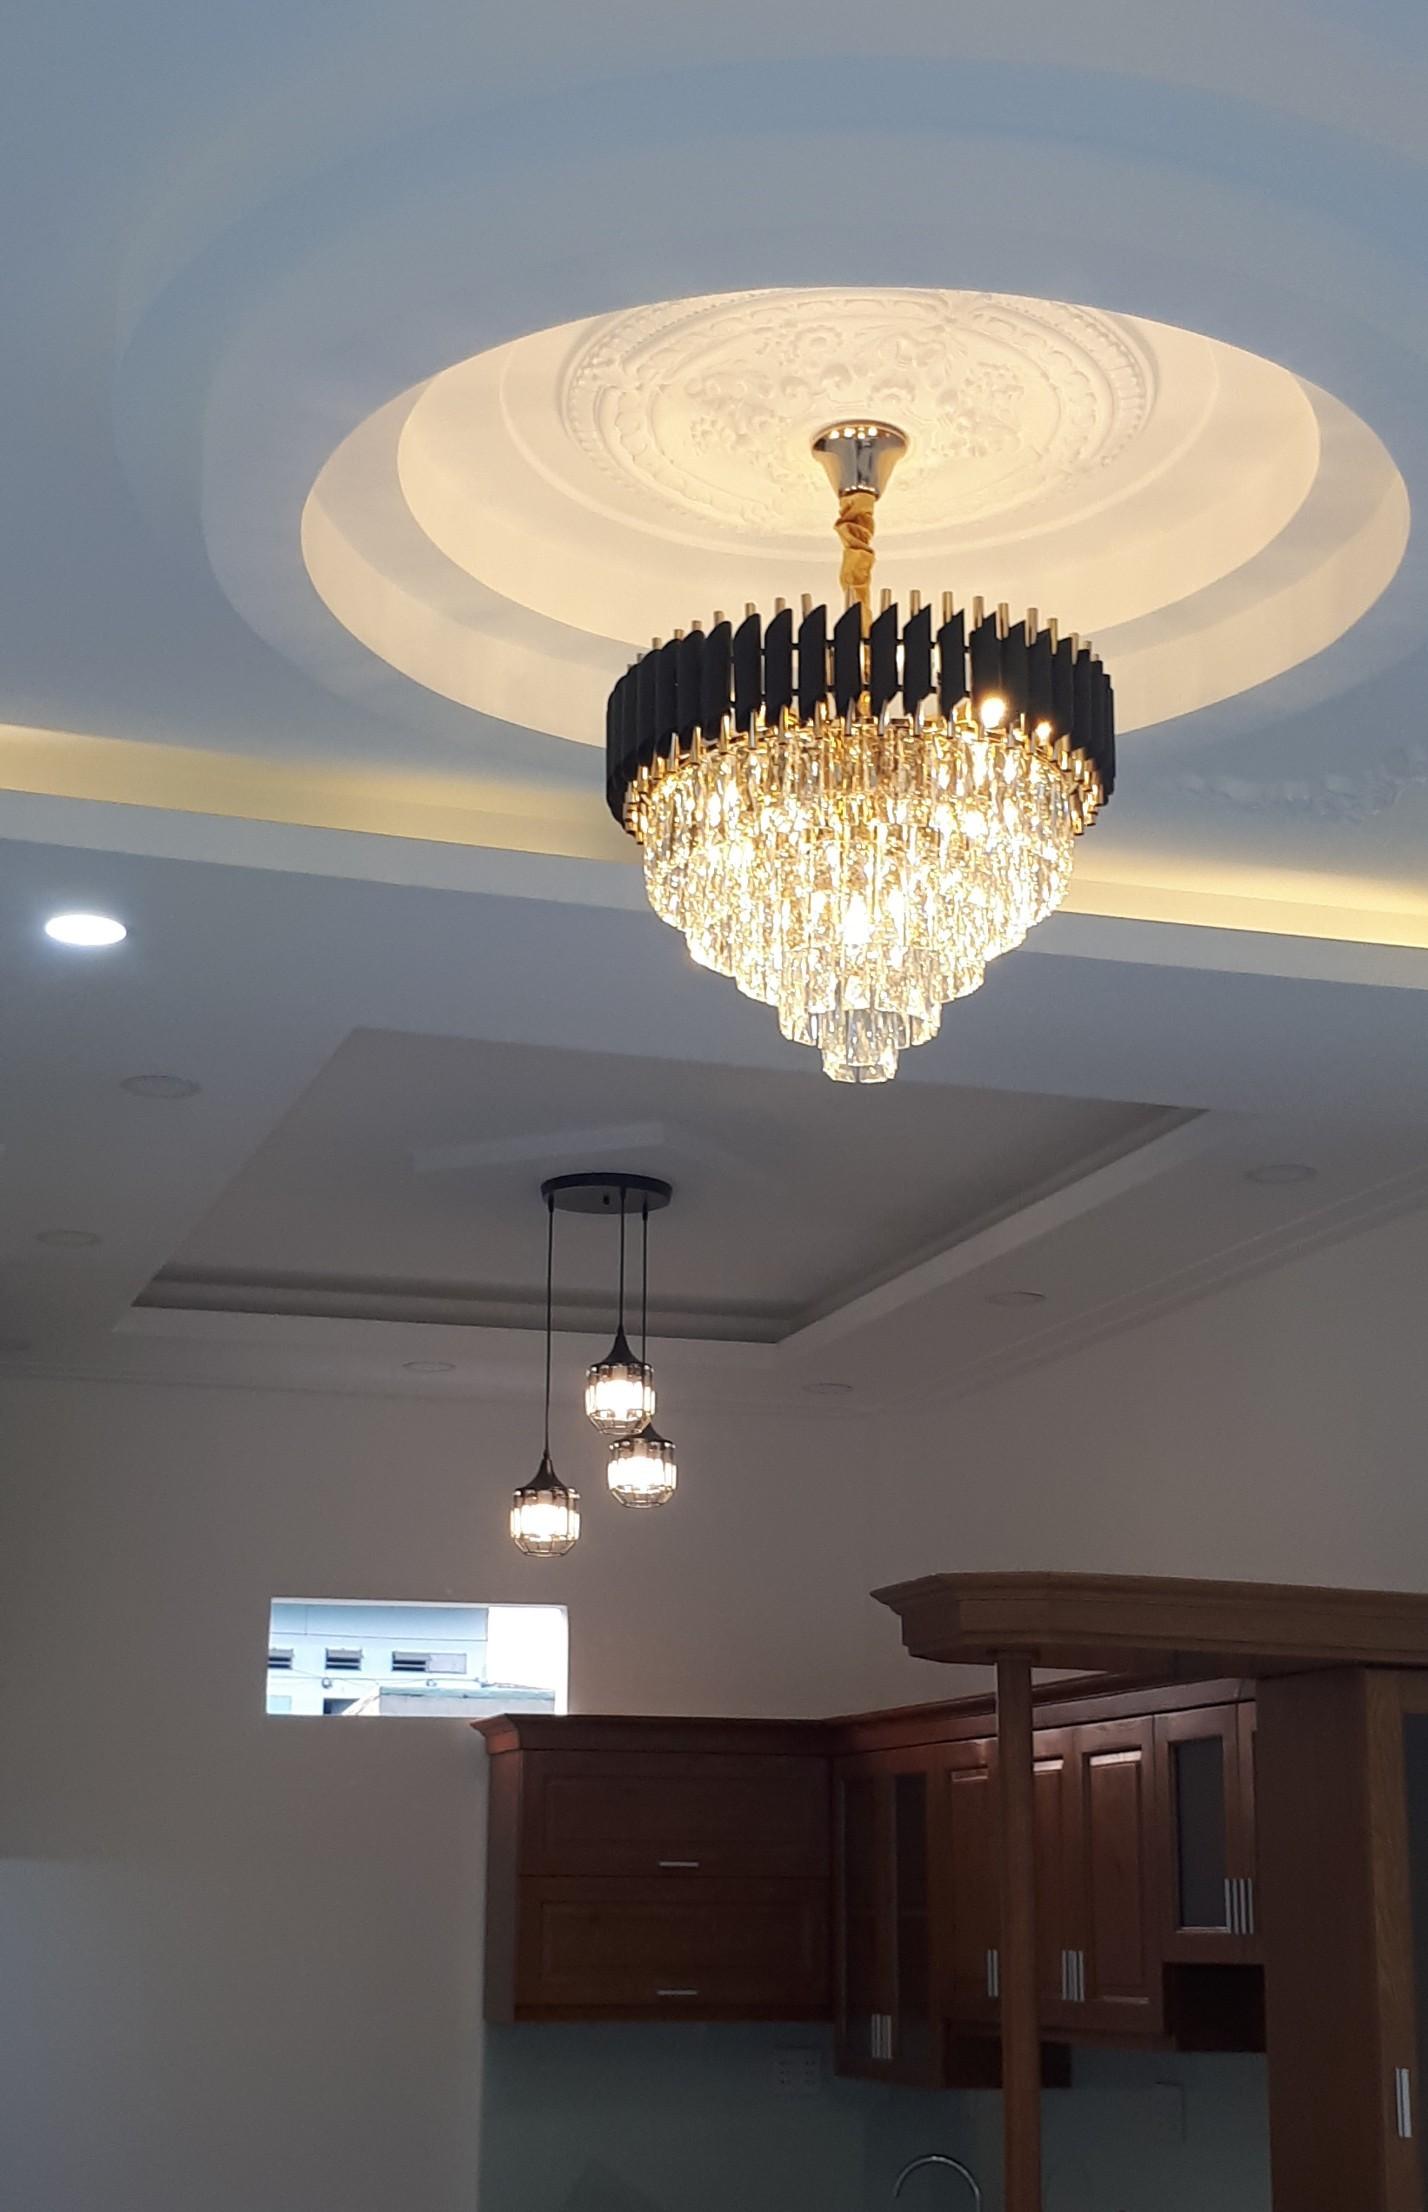 den chum pha le cfl 2233 1 - 10 mẫu đèn đẹp hiện đại thả phòng khách giành cho năm 2020